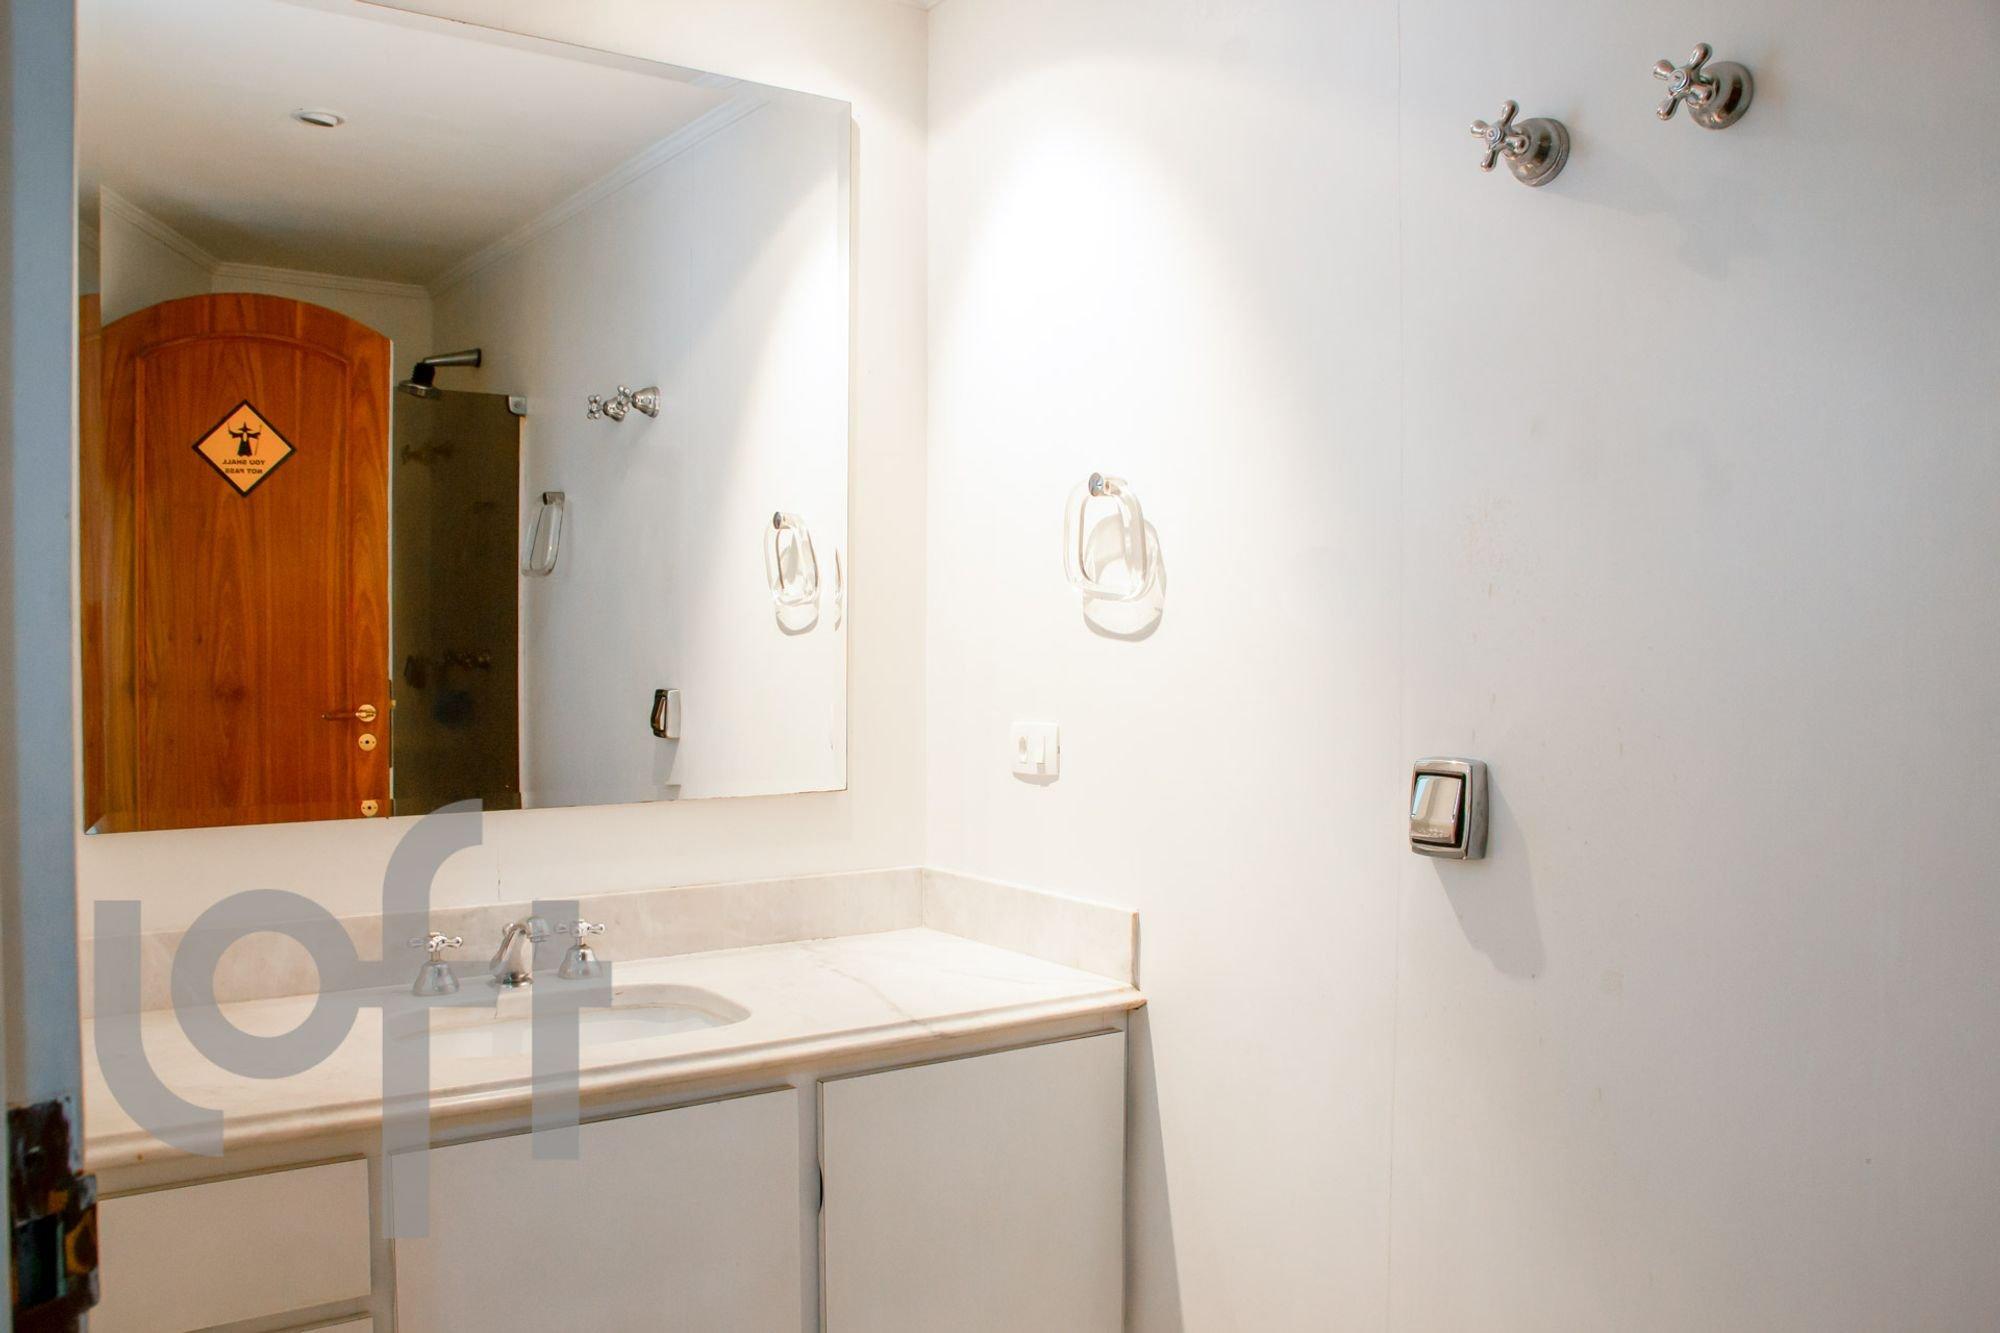 Foto de Banheiro com escova de dente, vaso sanitário, tigela, pia